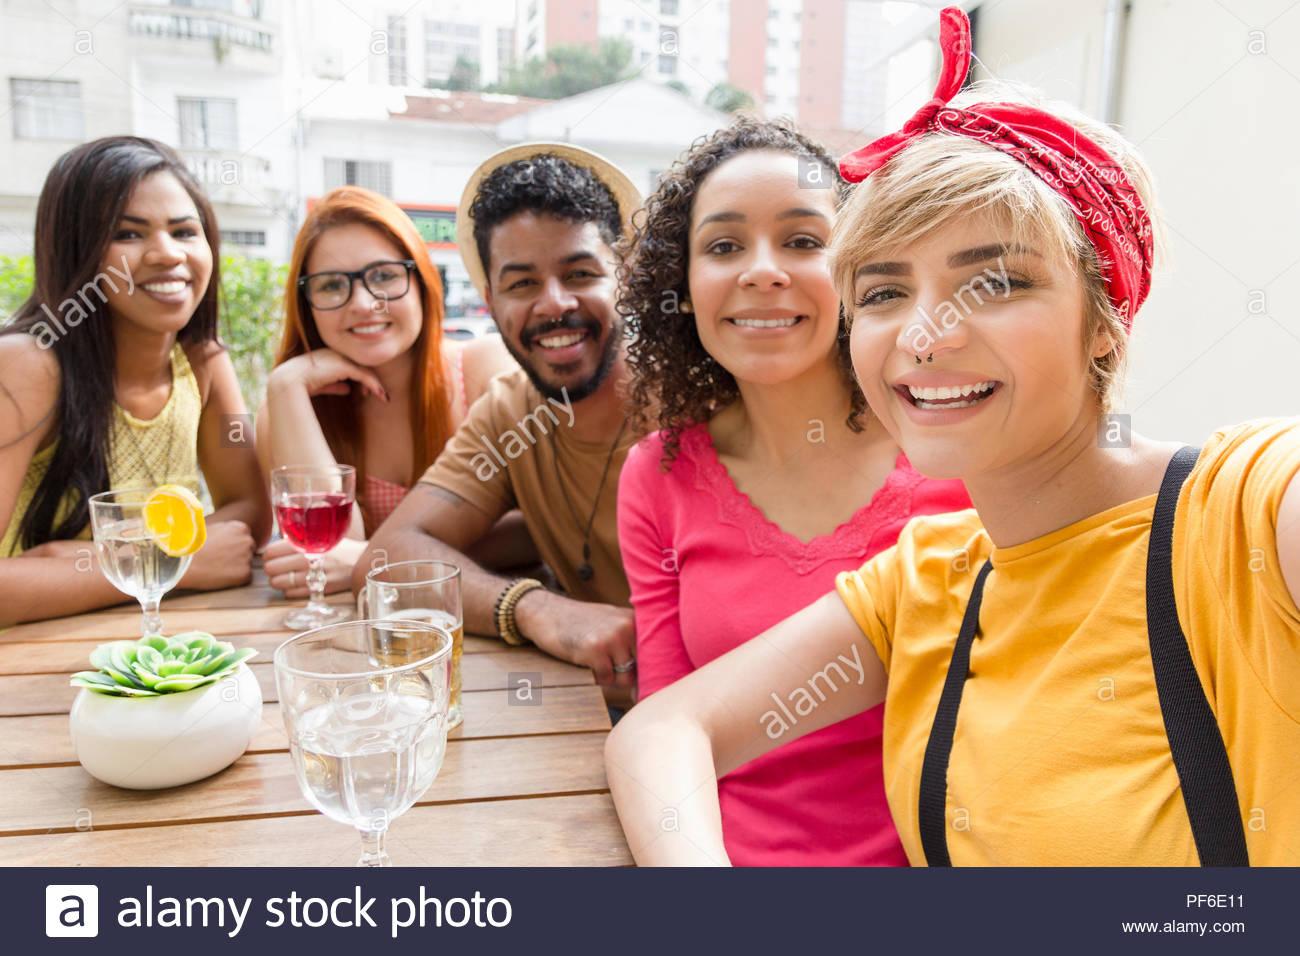 Selfie retrato. Amigos feliz y sonriente sentado en la cafetería al aire libre. Grupo de raza mixta socializar en un partido en el restaurante exterior. Verano caliente, f Imagen De Stock